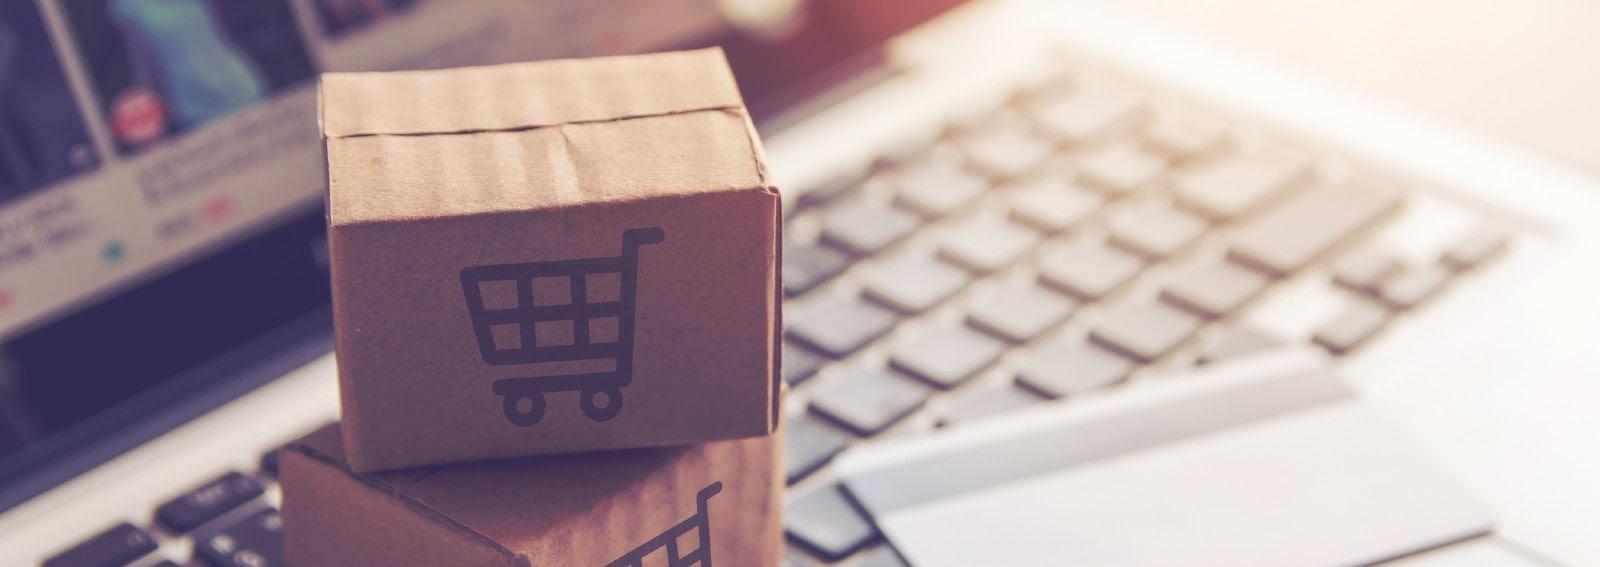 shopping online. hero